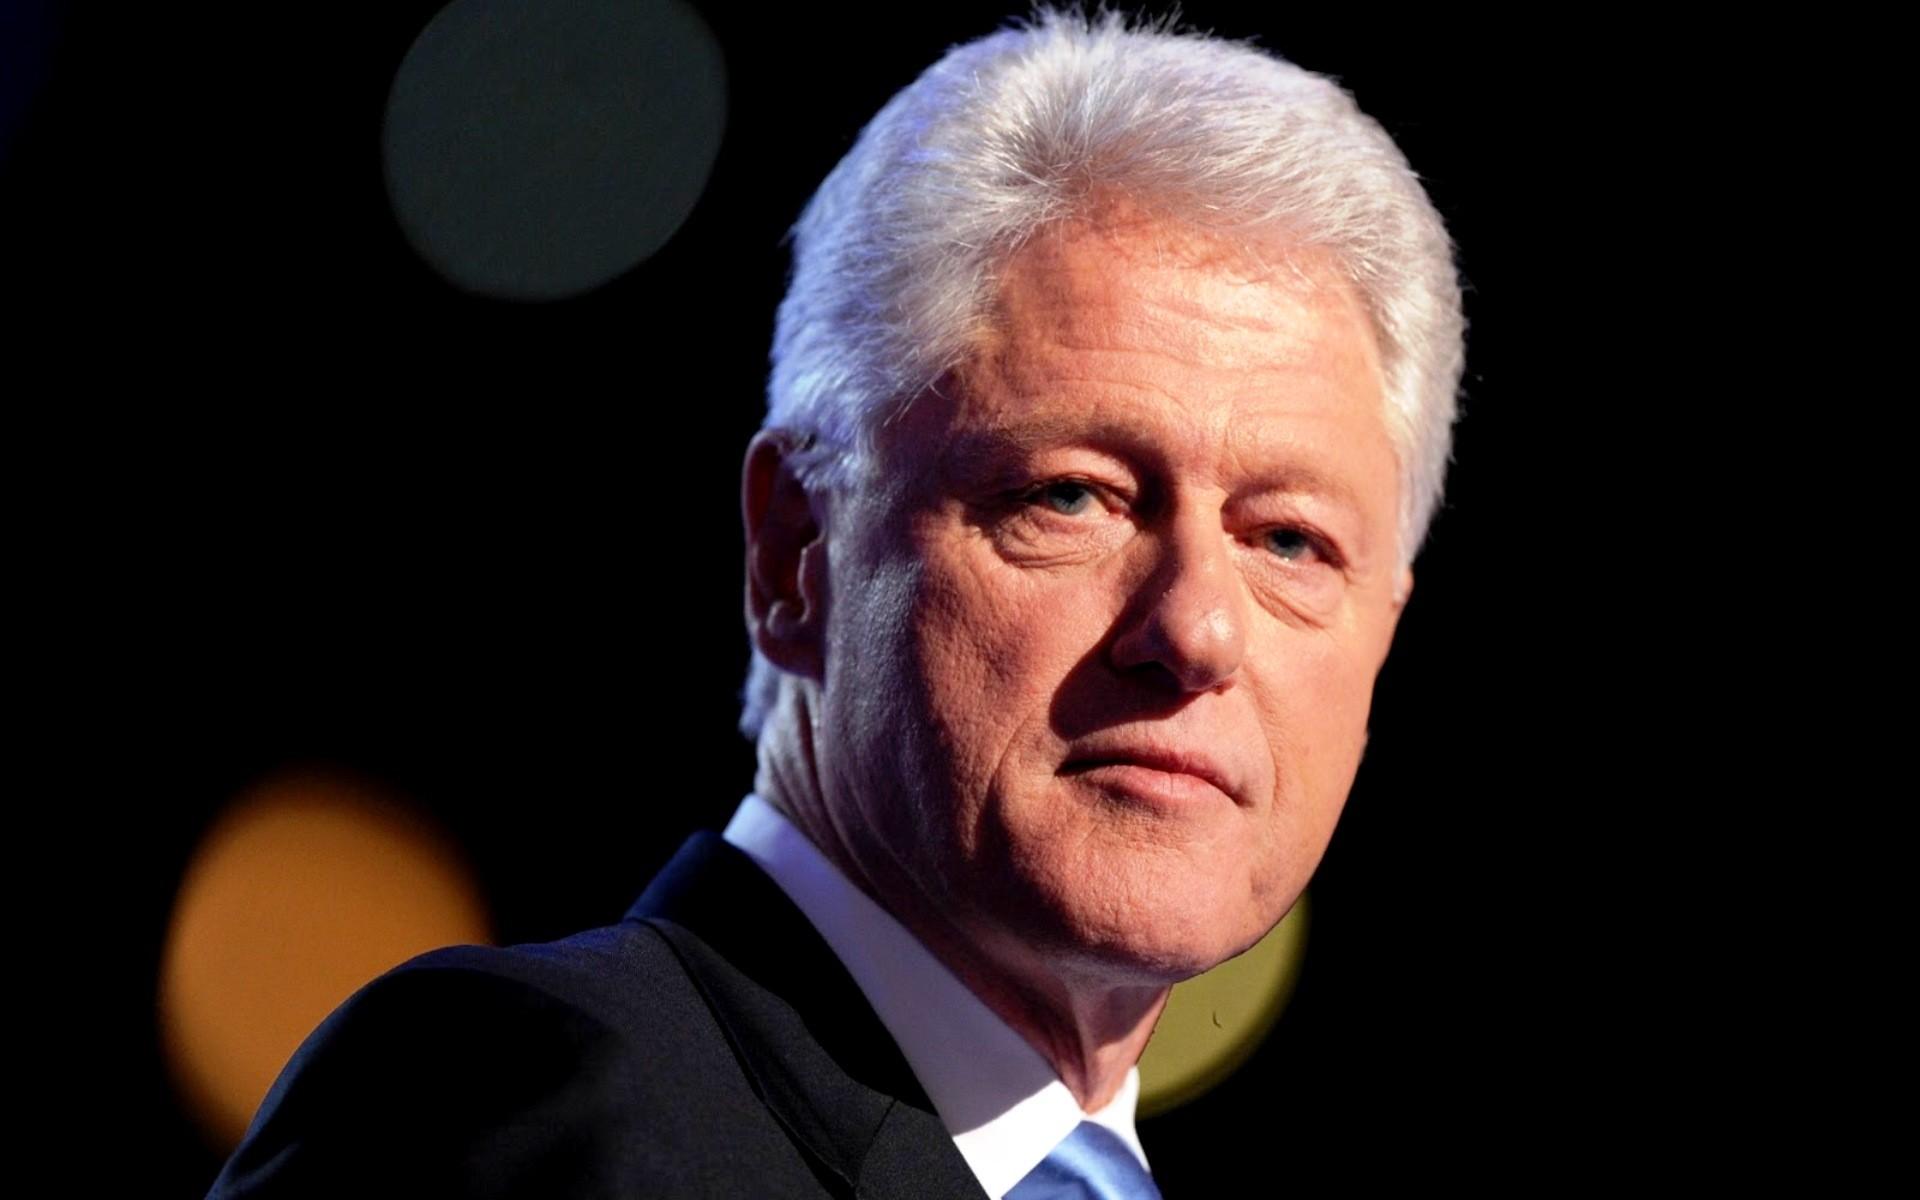 Вфонде семьи Клинтон признали факт получения 1 млн долларов отКатара